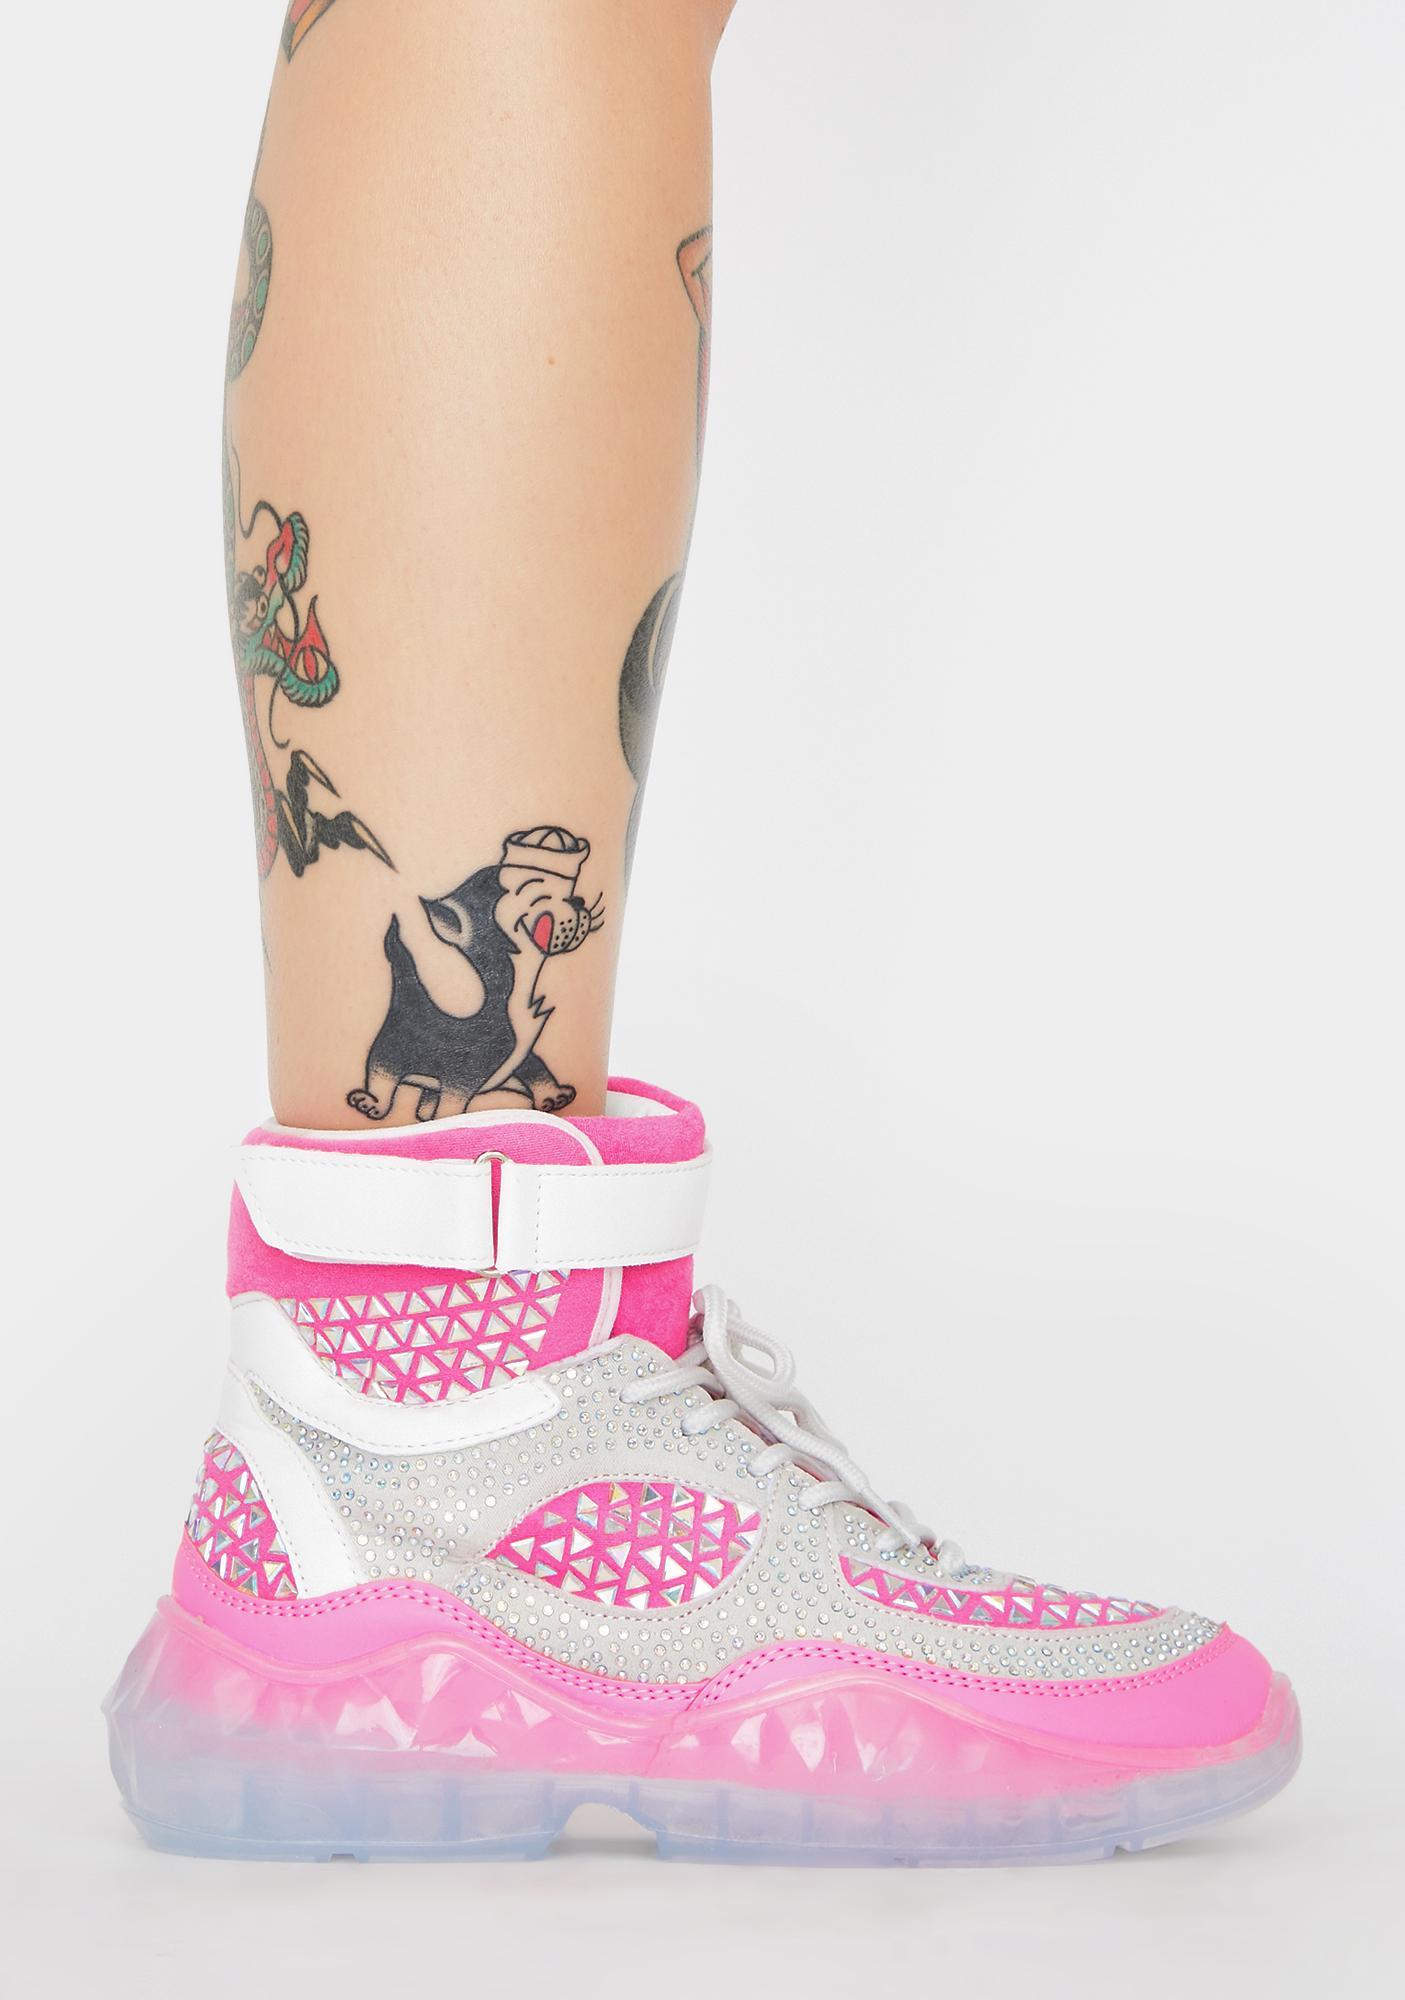 Gridlocked High Top Sneakers